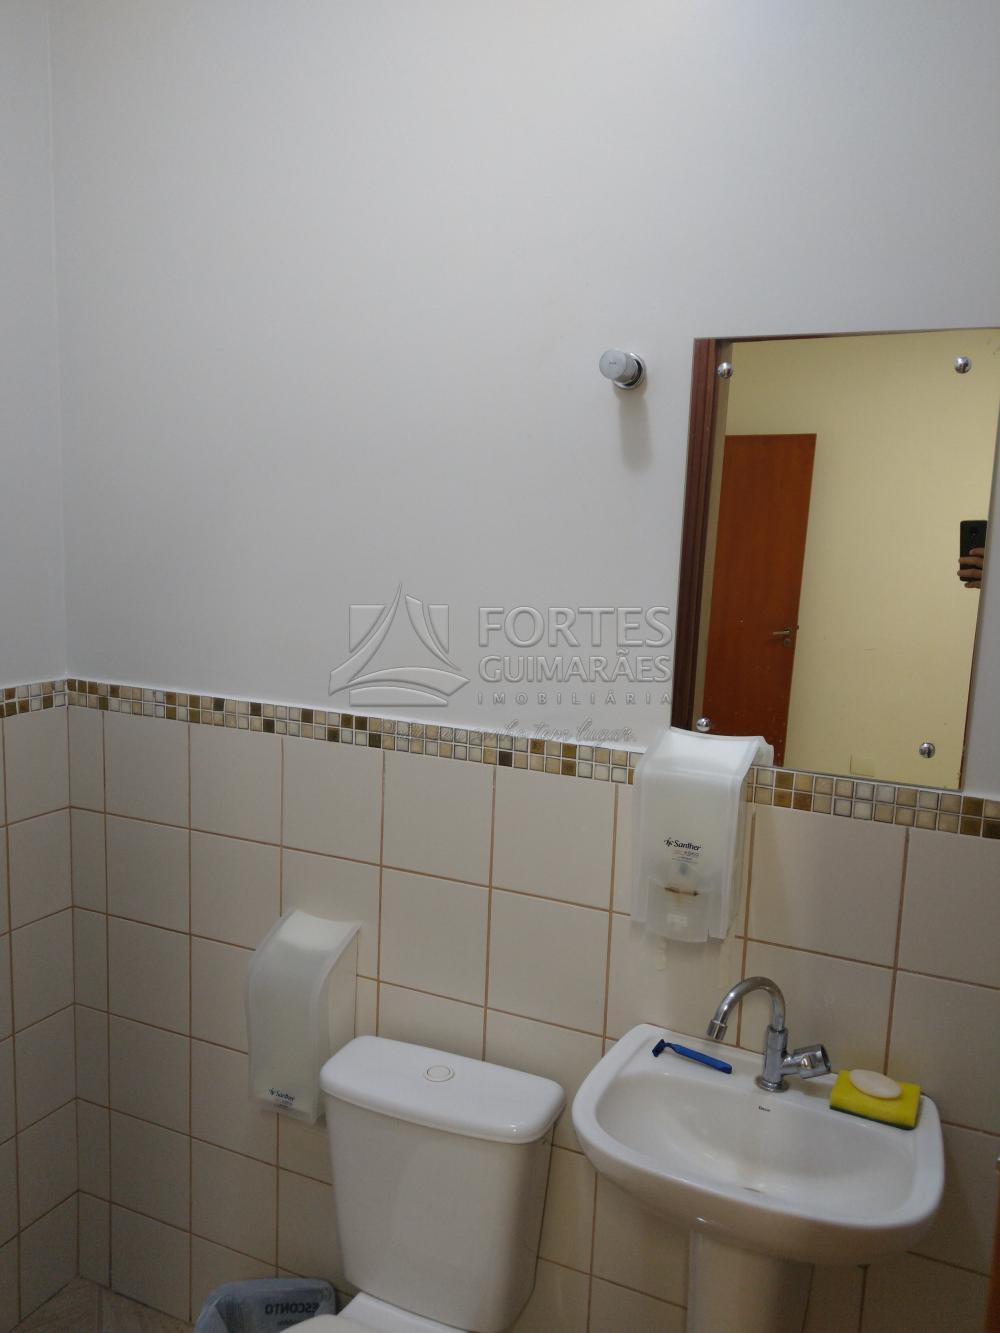 Alugar Comercial / Imóvel Comercial em Ribeirão Preto apenas R$ 12.000,00 - Foto 46